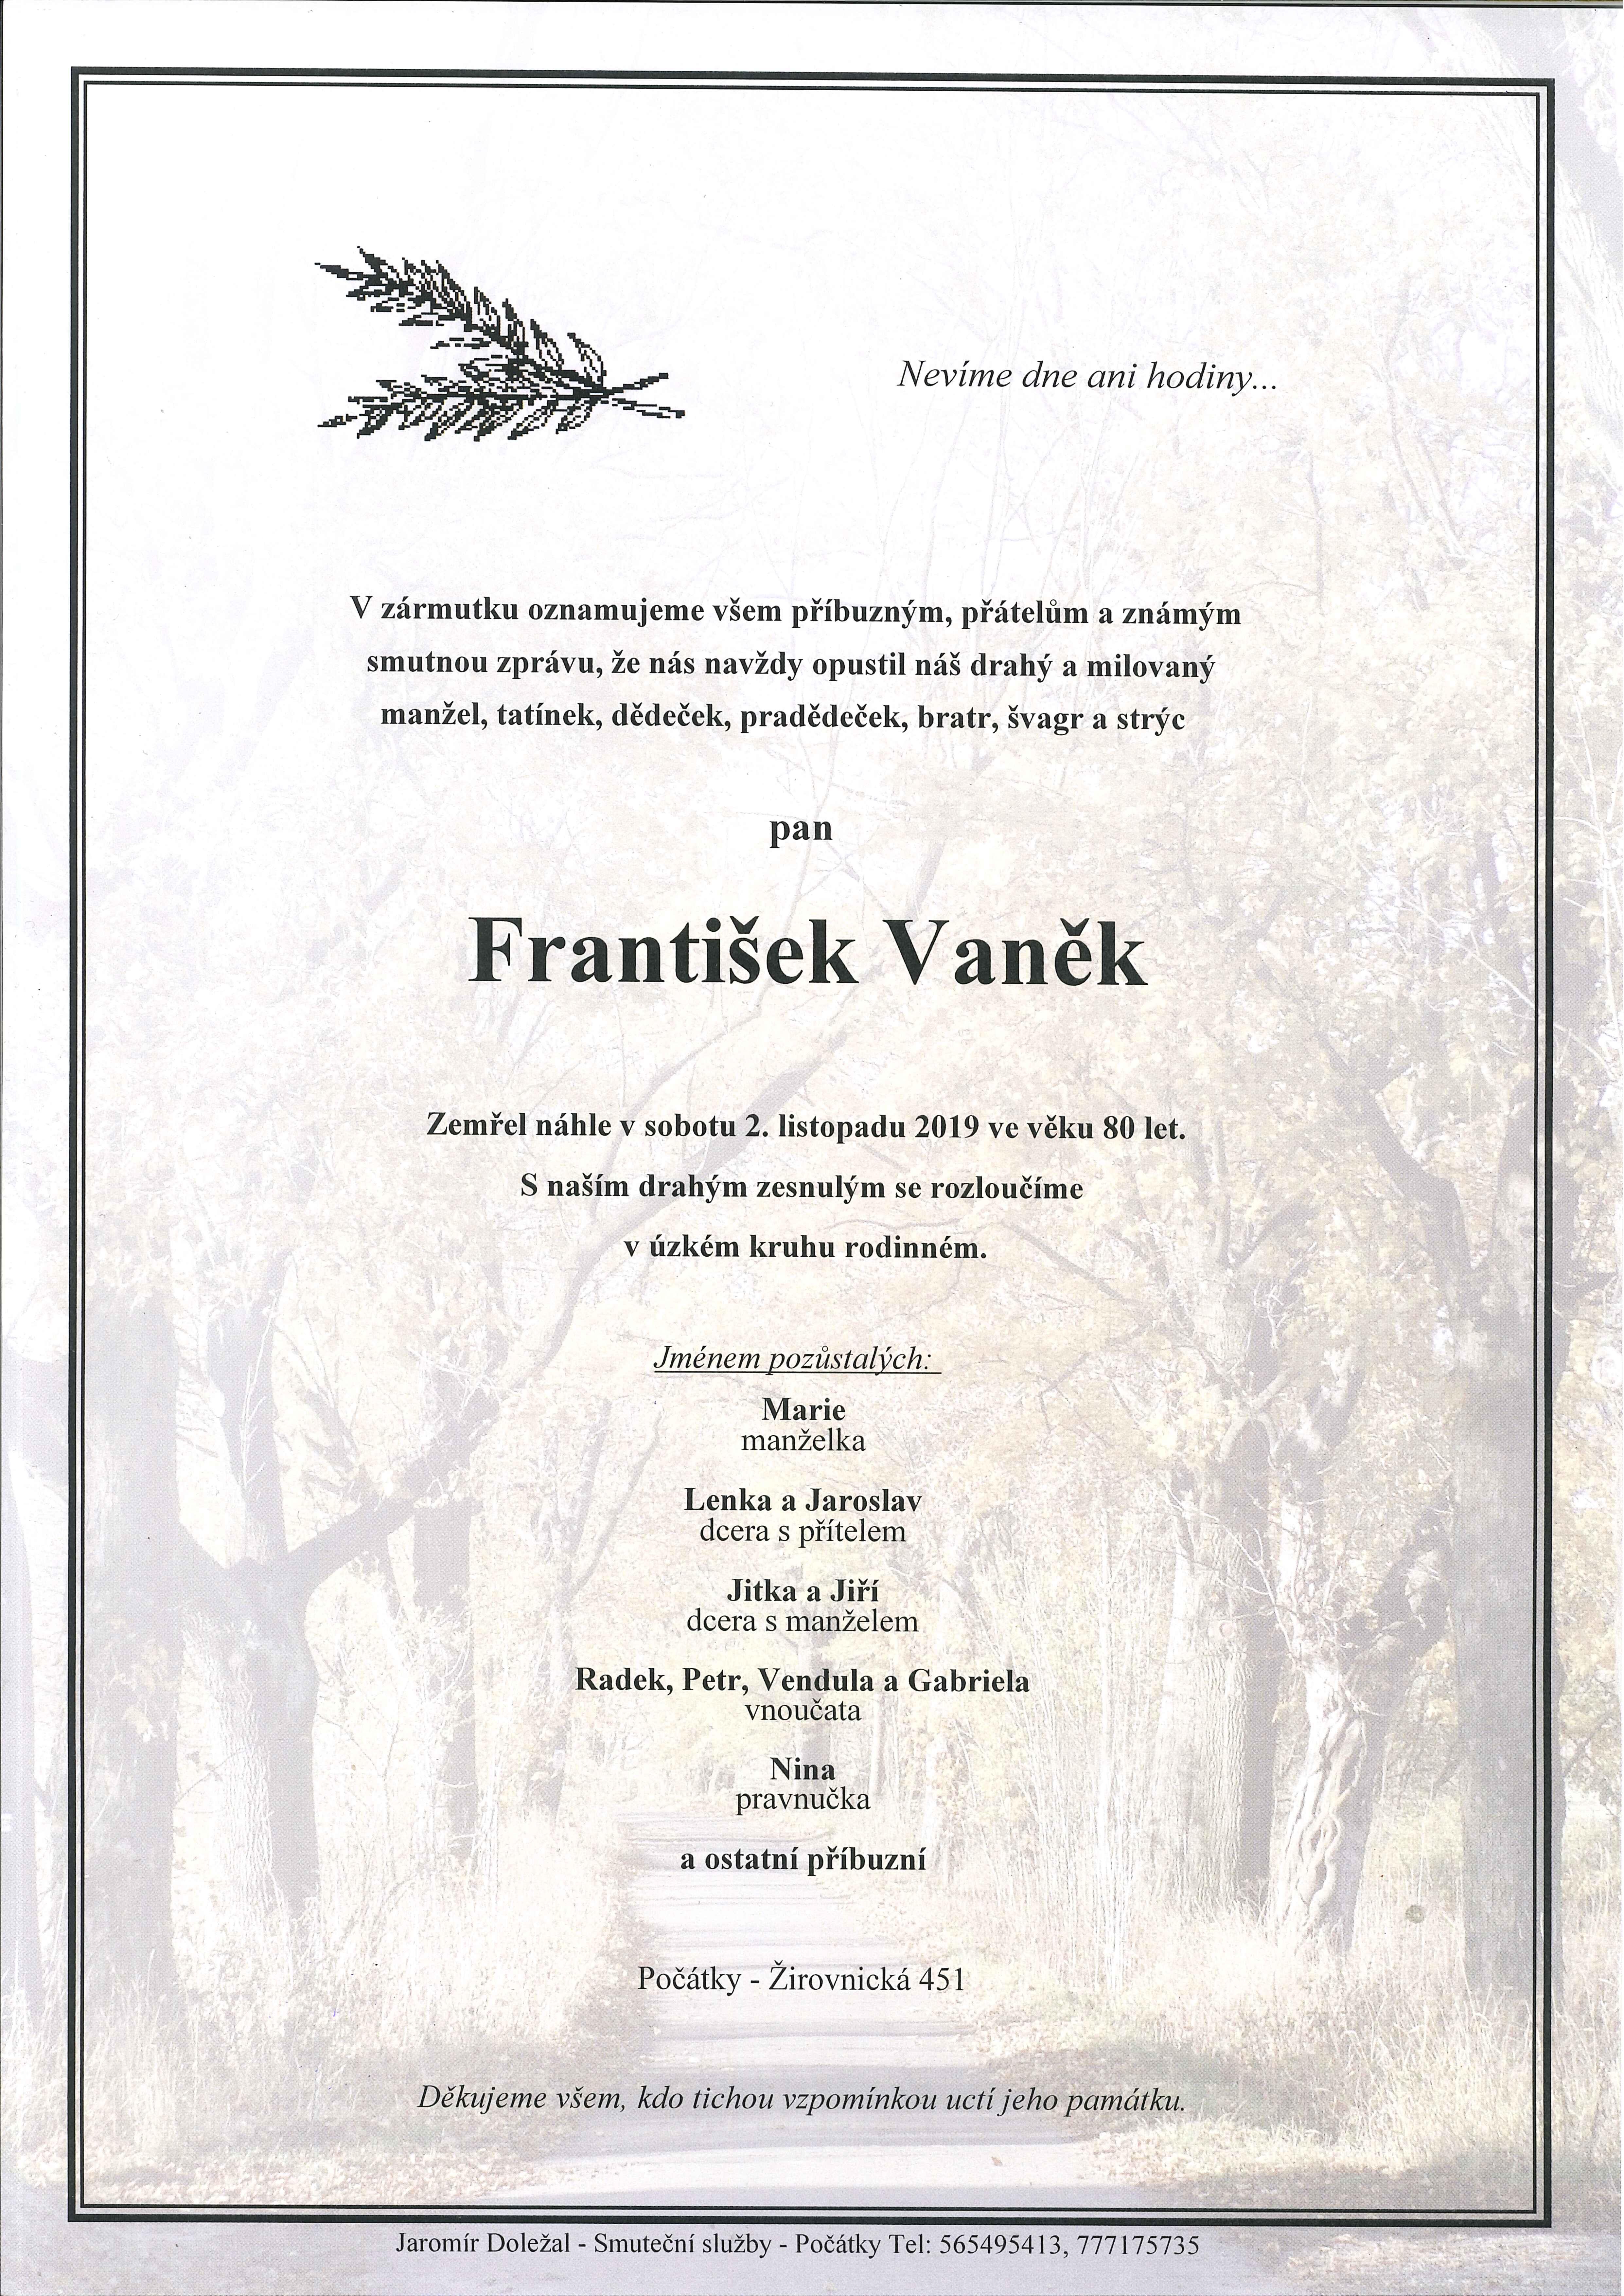 František Vaněk